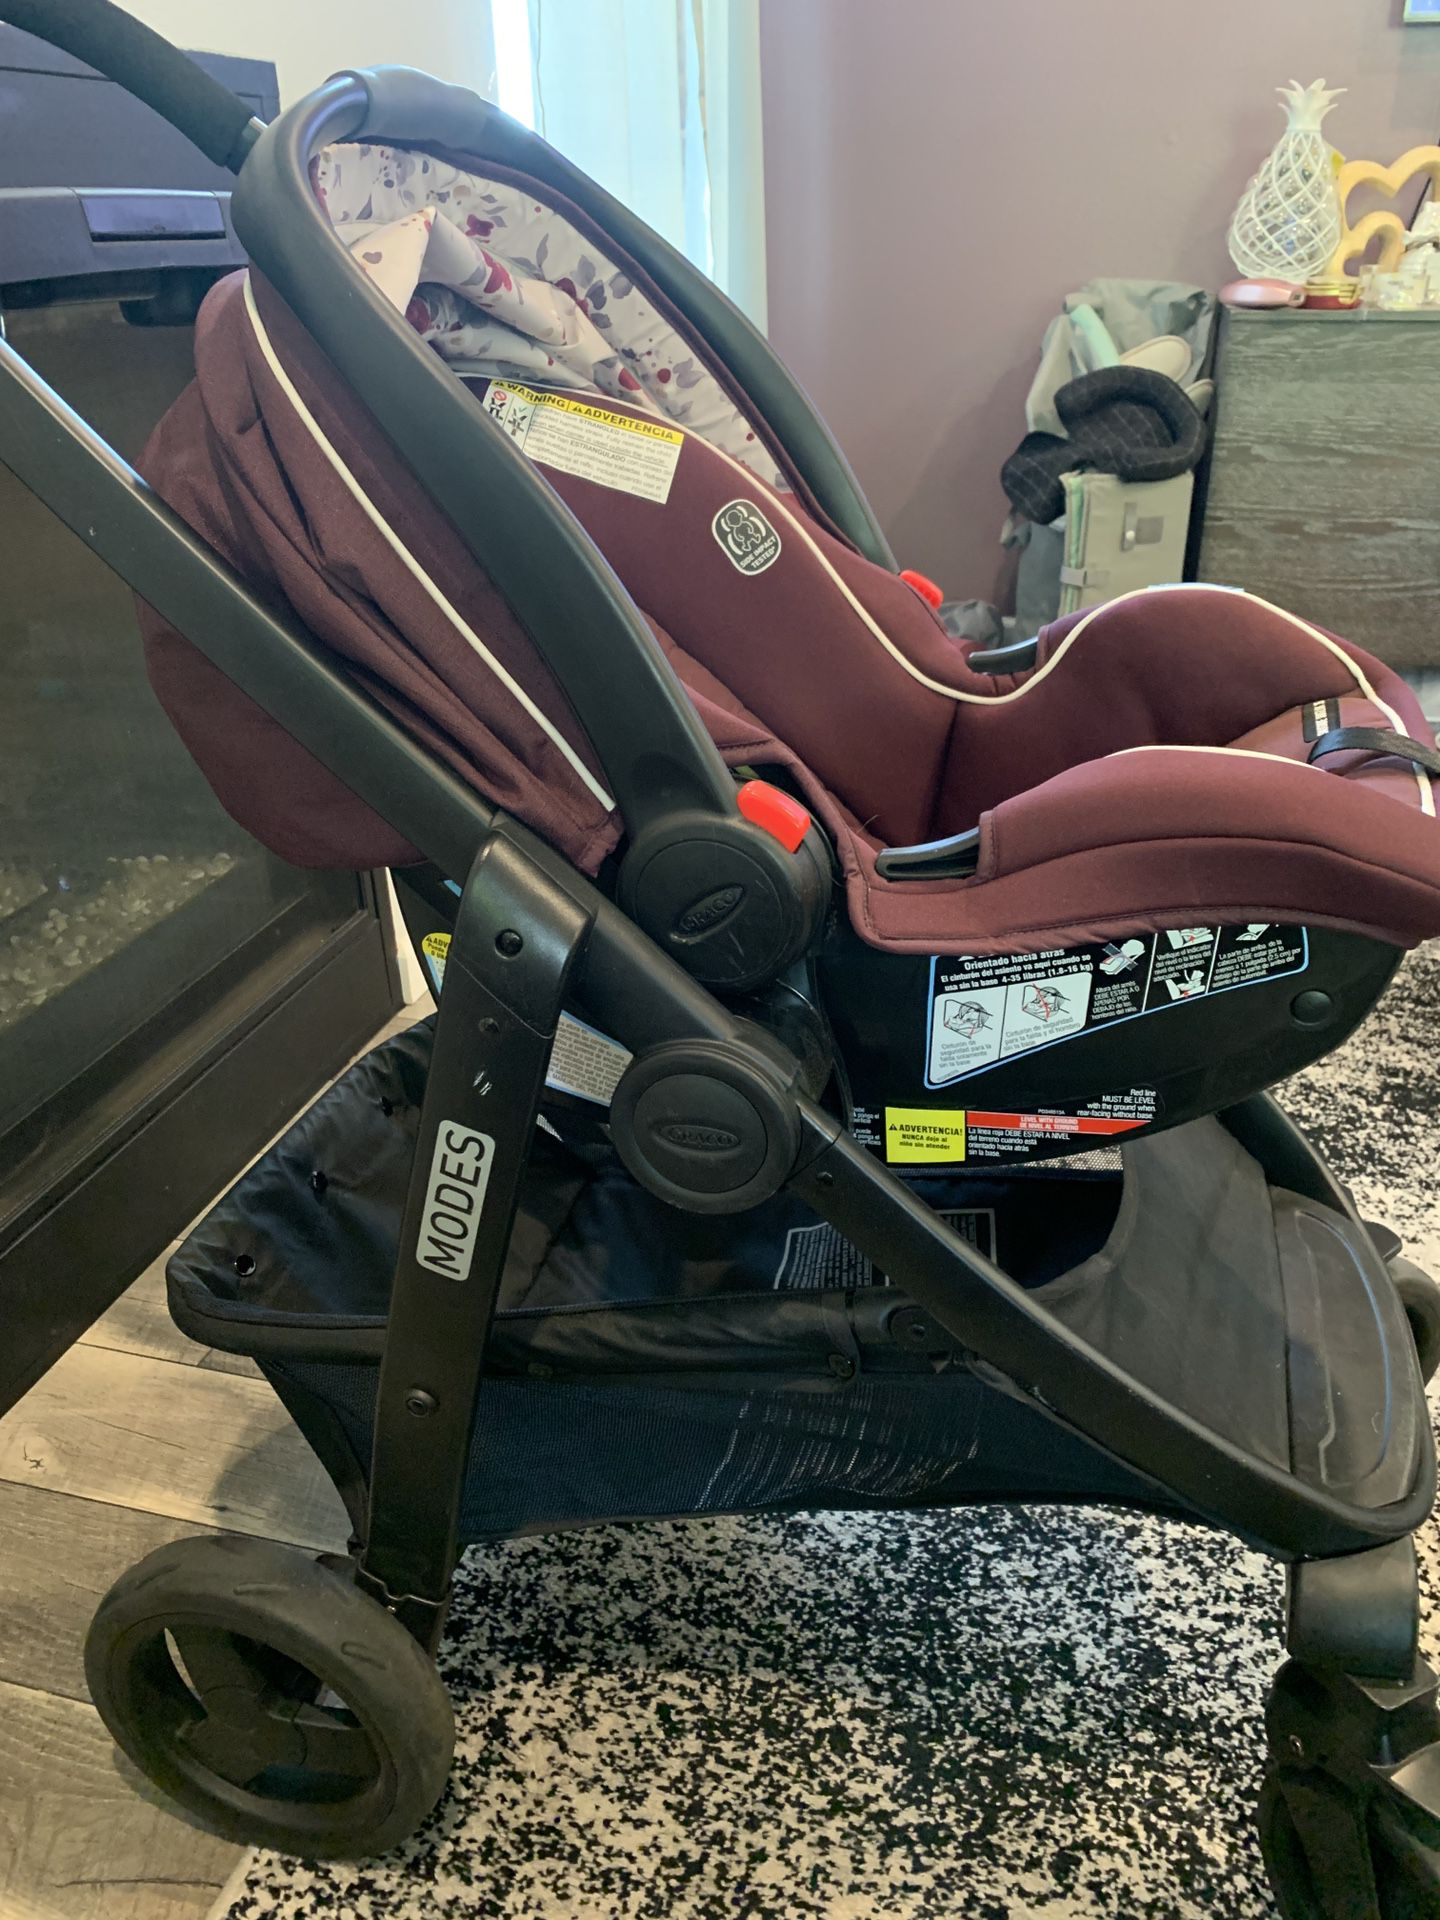 Stroller - Graco Modes Travel System Nanette